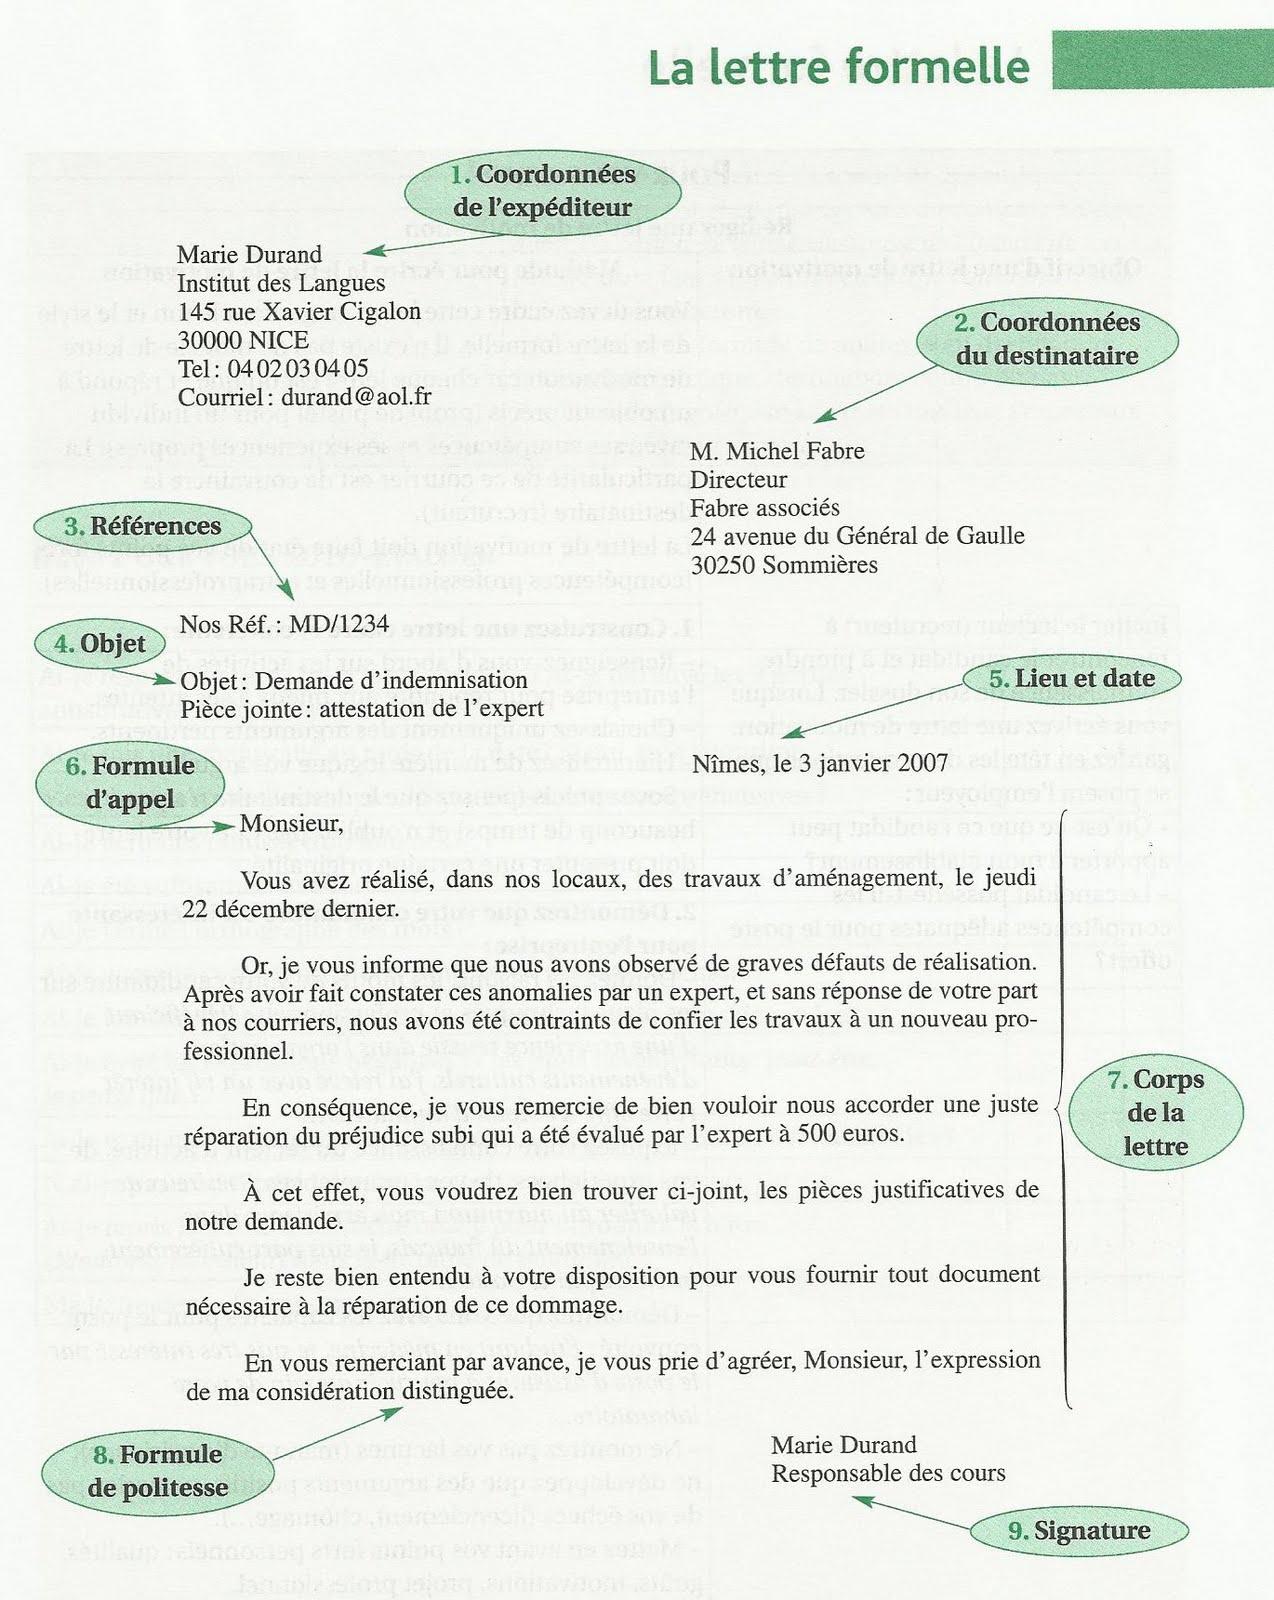 format de lettre en francais Muriel Benezit (murielbenezit) on Pinterest format de lettre en francais